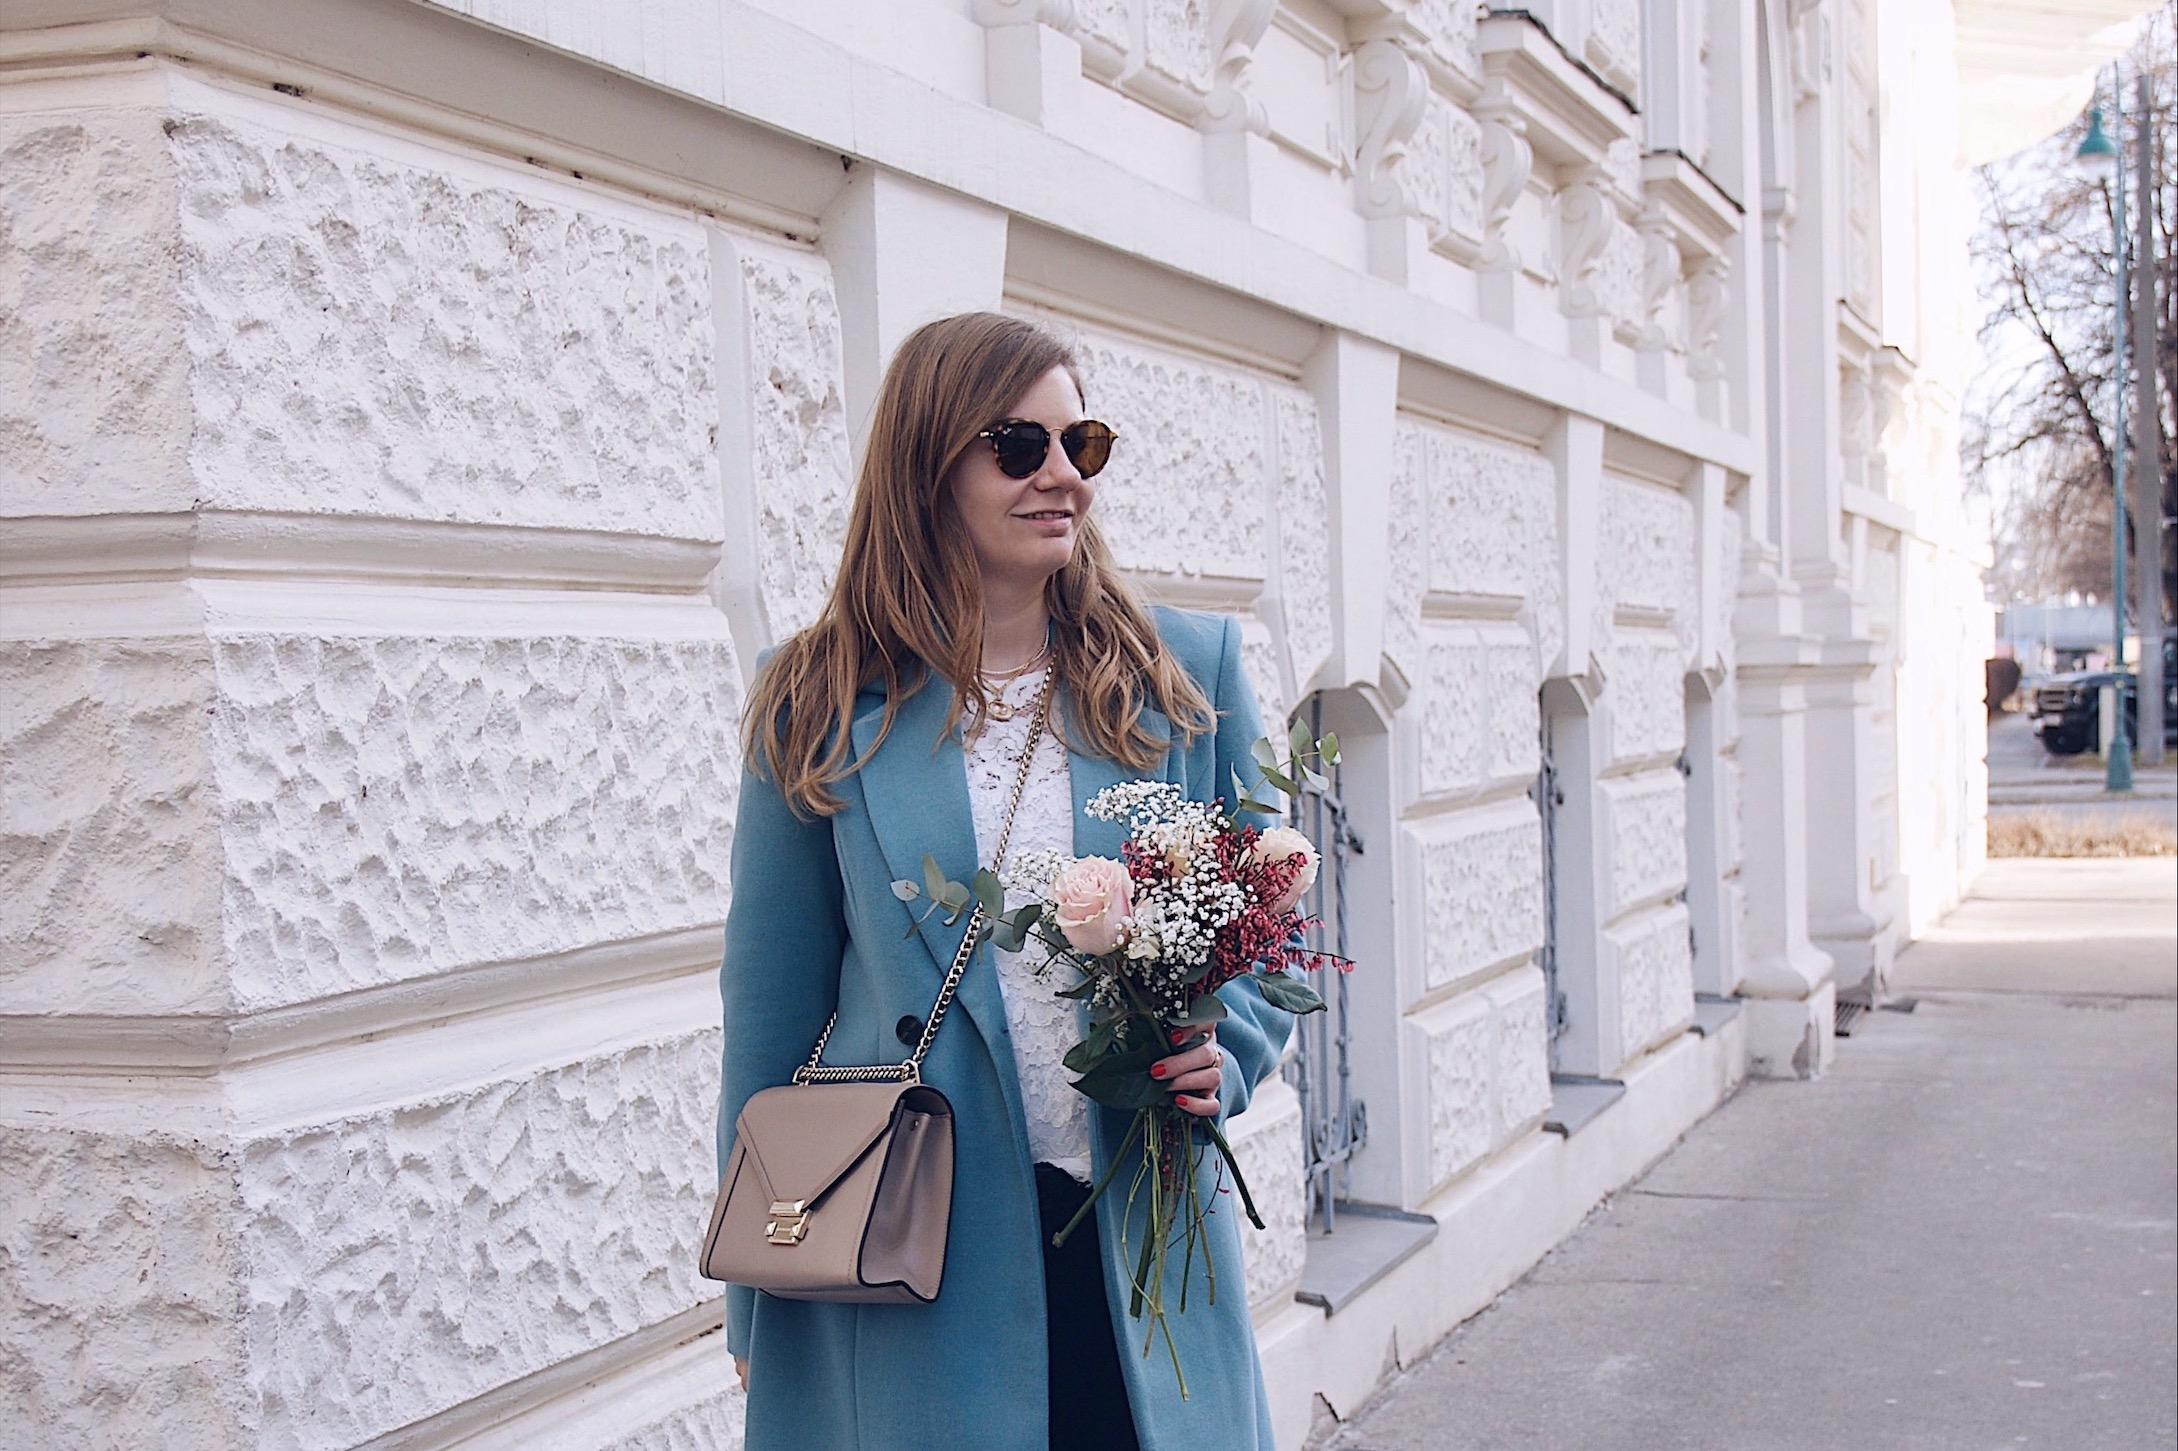 Spring Outfit Vero Moda Mantel